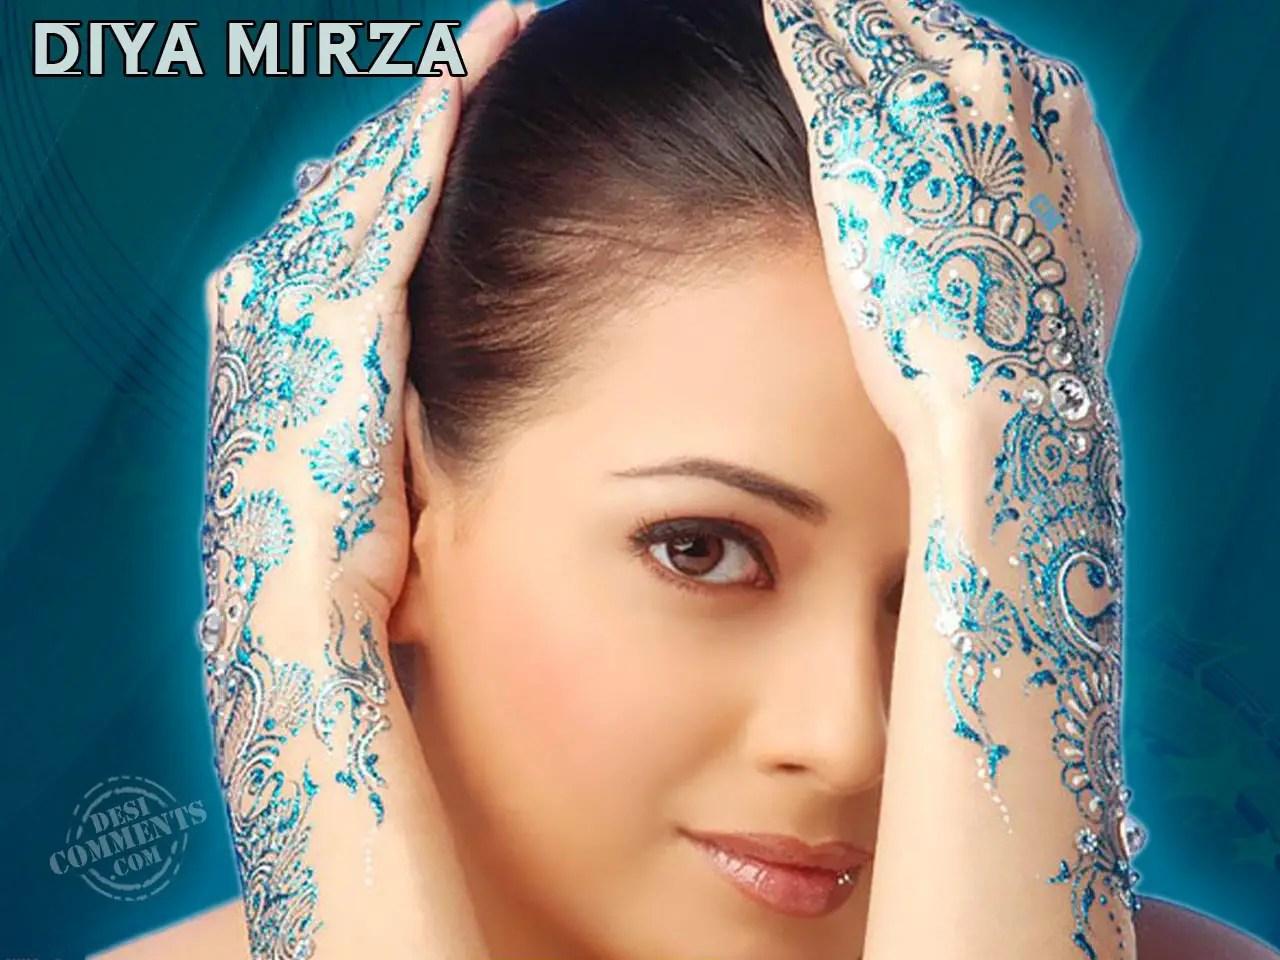 Usa Anime Girl Wallpaper 1920x1080 Diya Mirza Wallpapers Bollywood Wallpapers